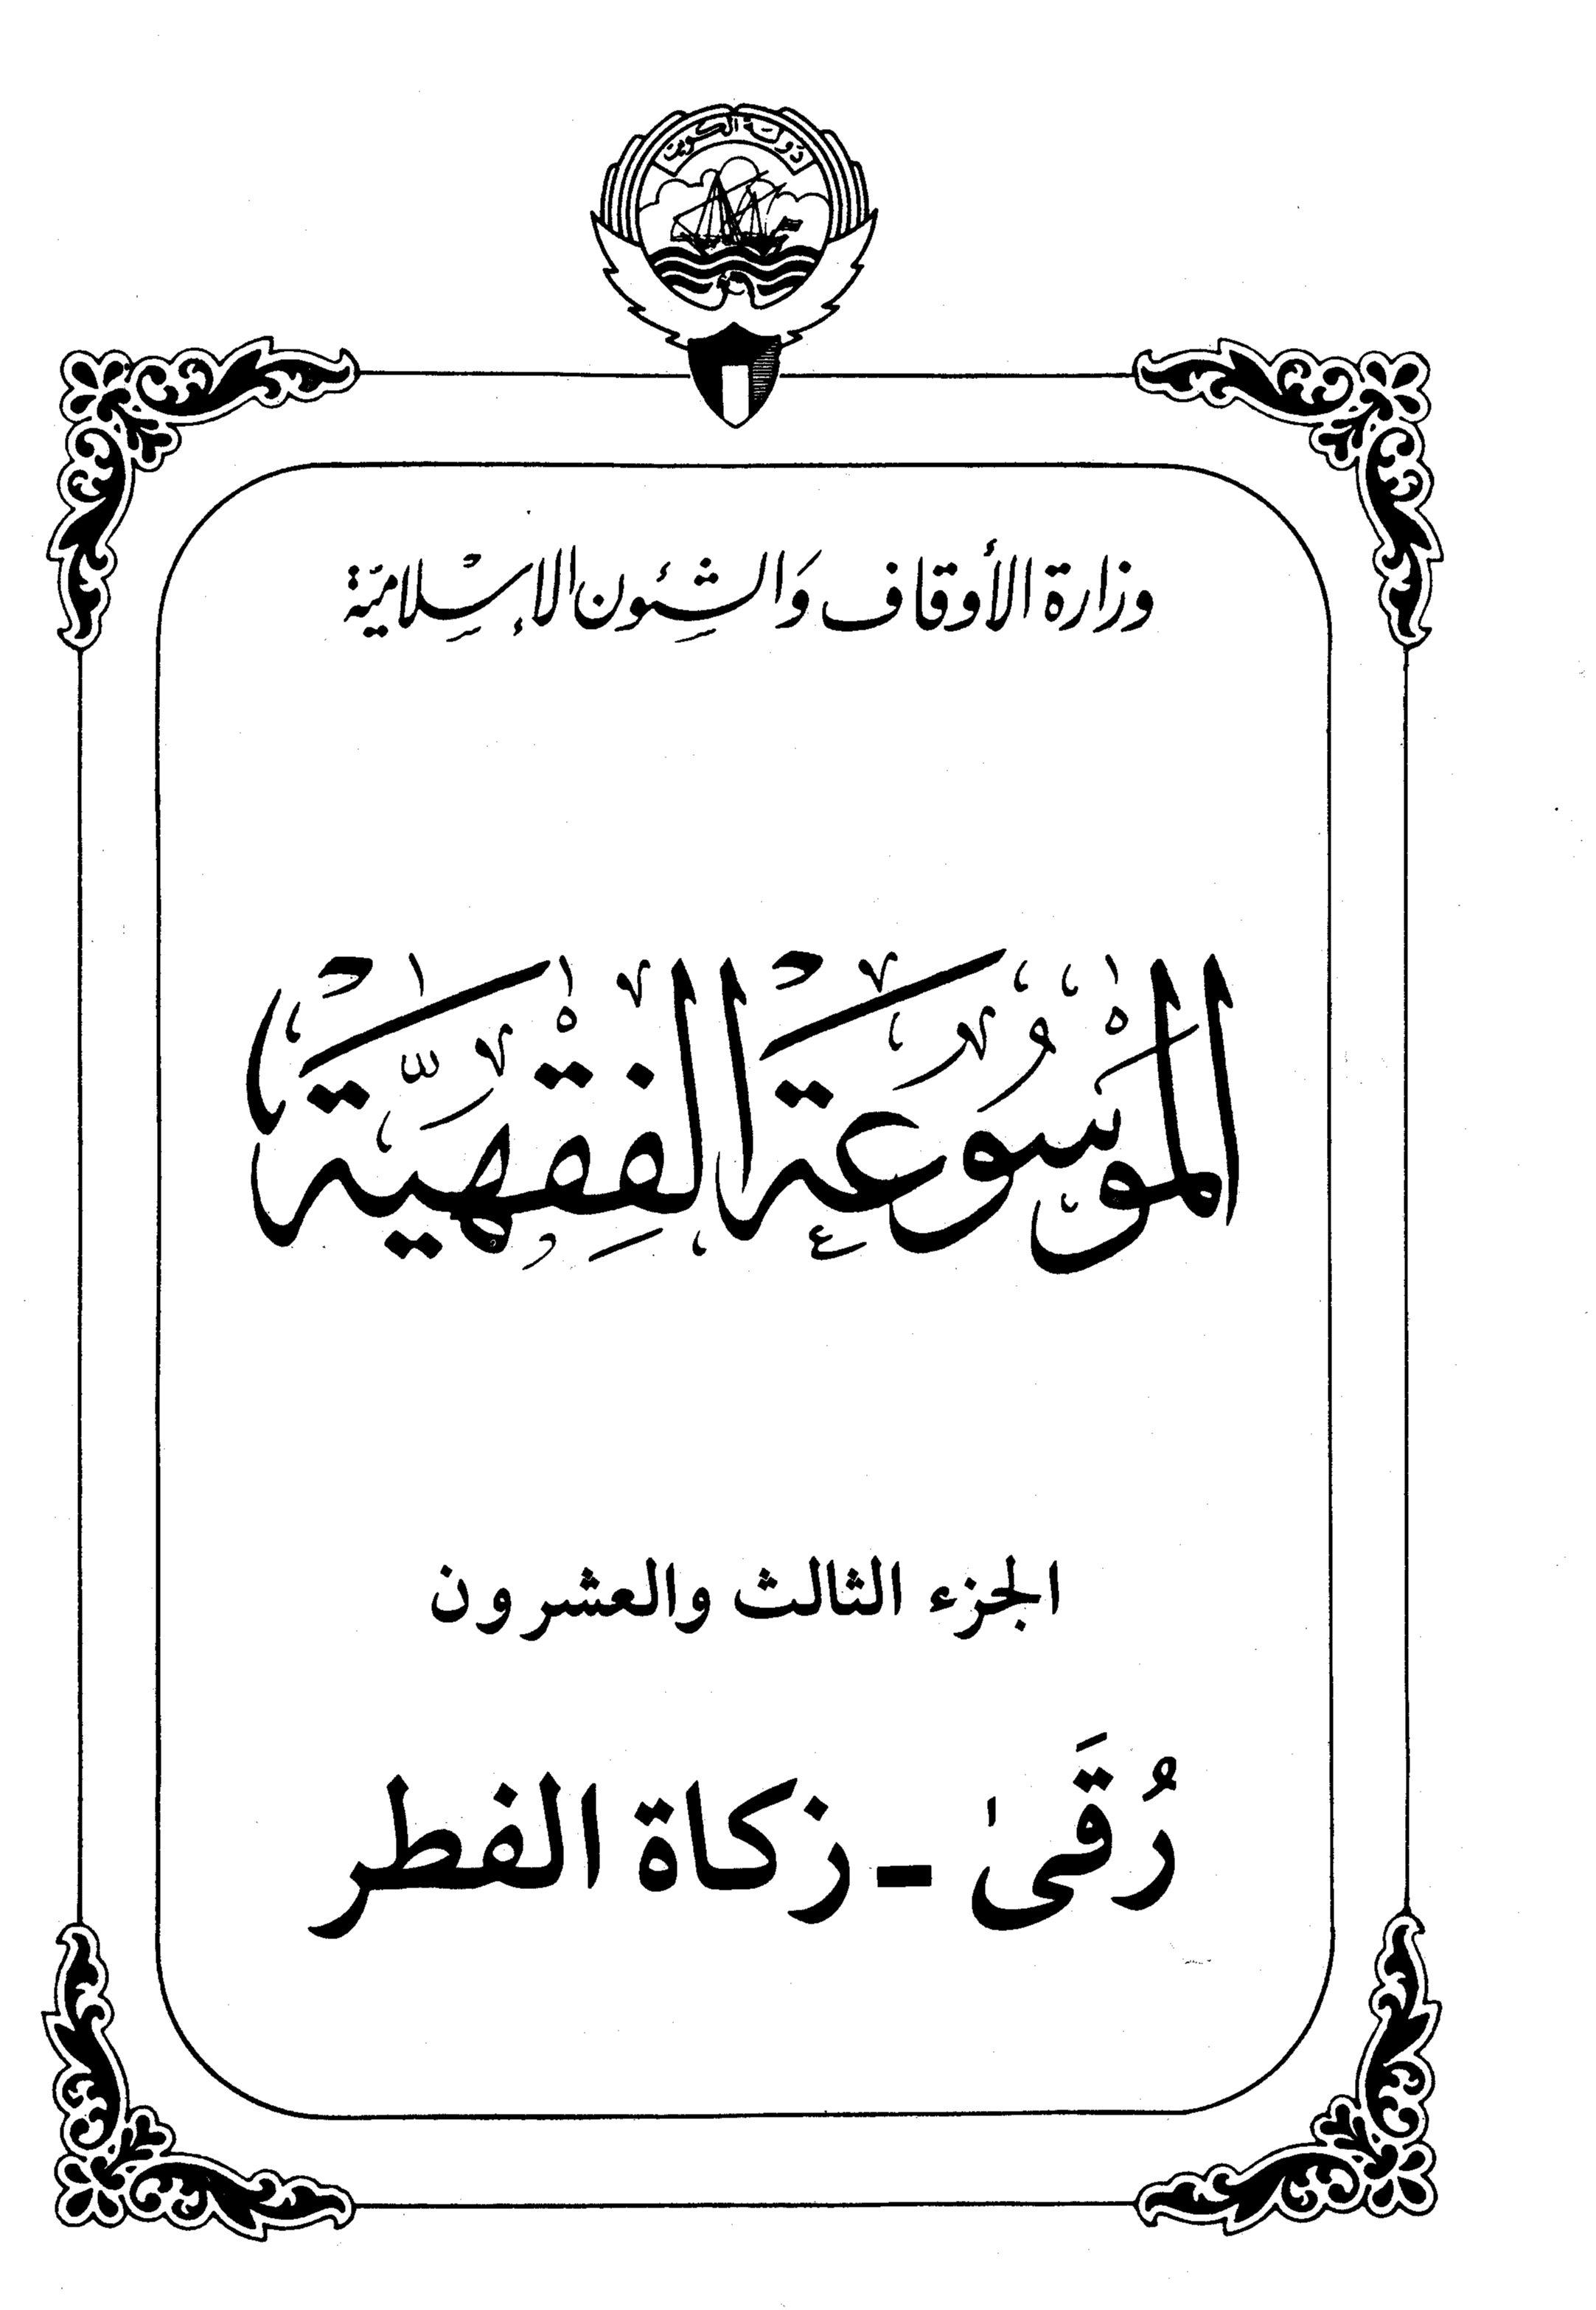 الموسوعة الفقهية الكويتية- الجزء الثالث والعشرون (رقى - زكاة الفطر)